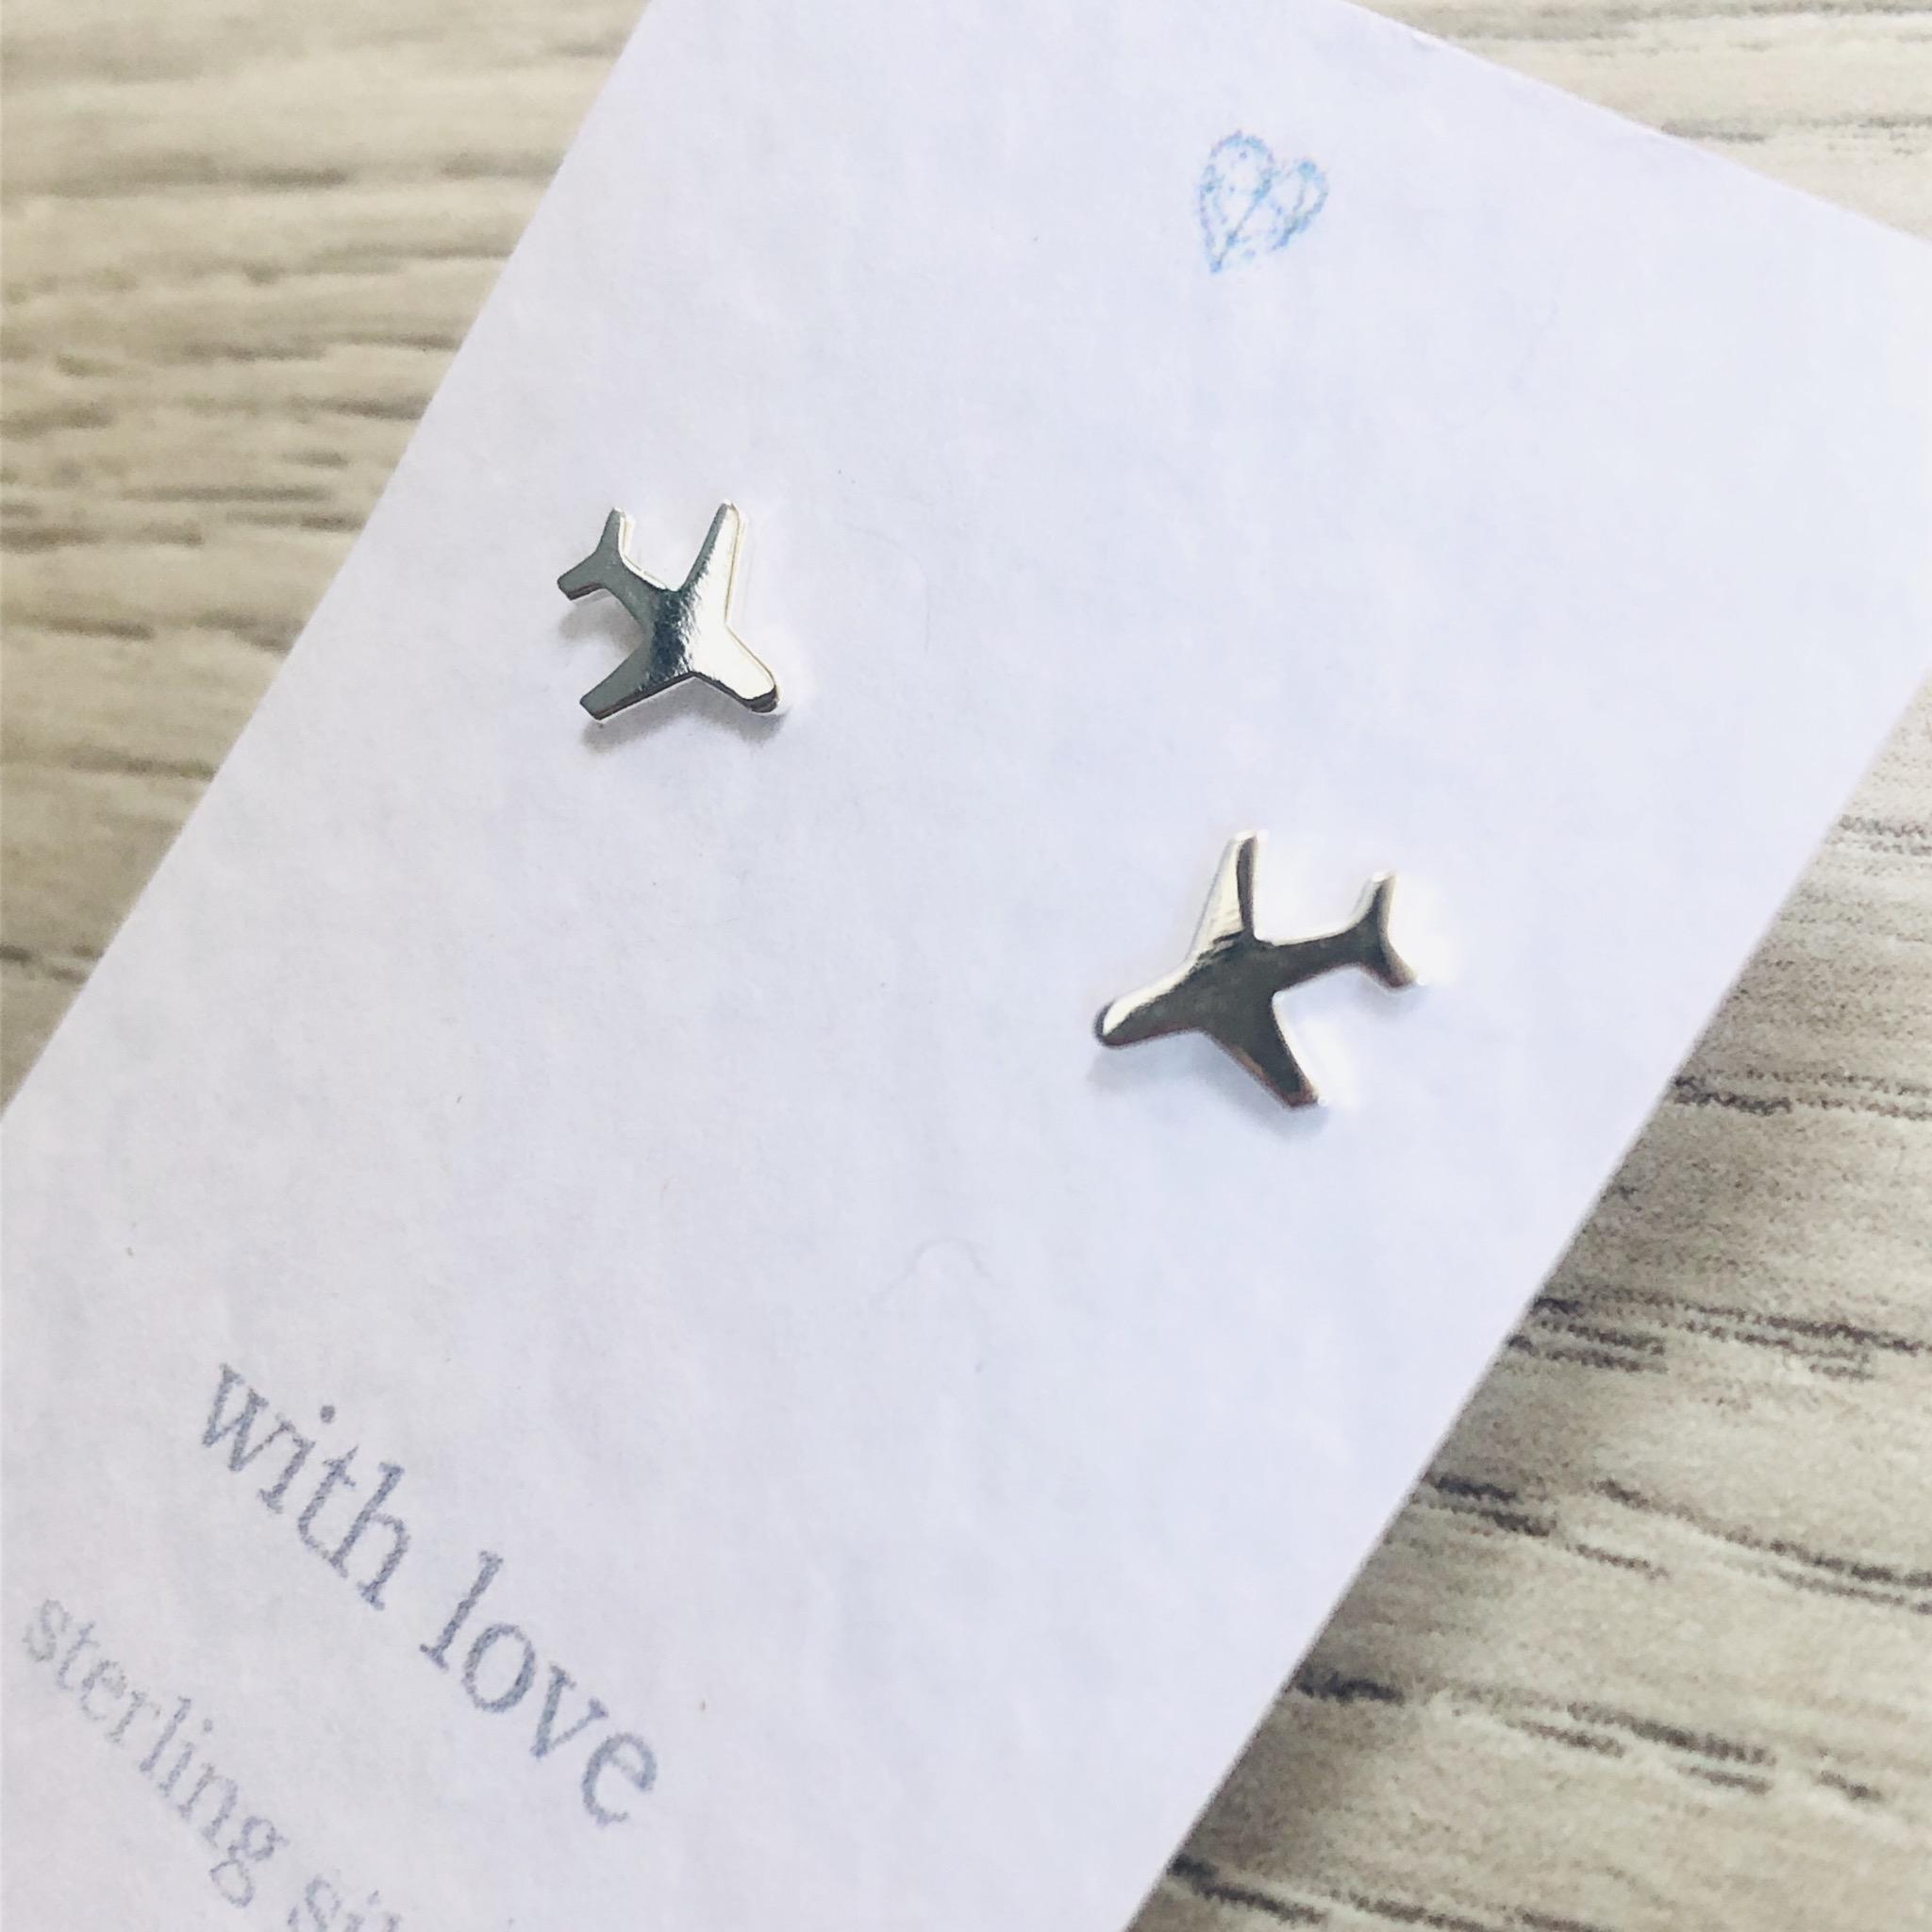 Airplane sterling silver stud earrings